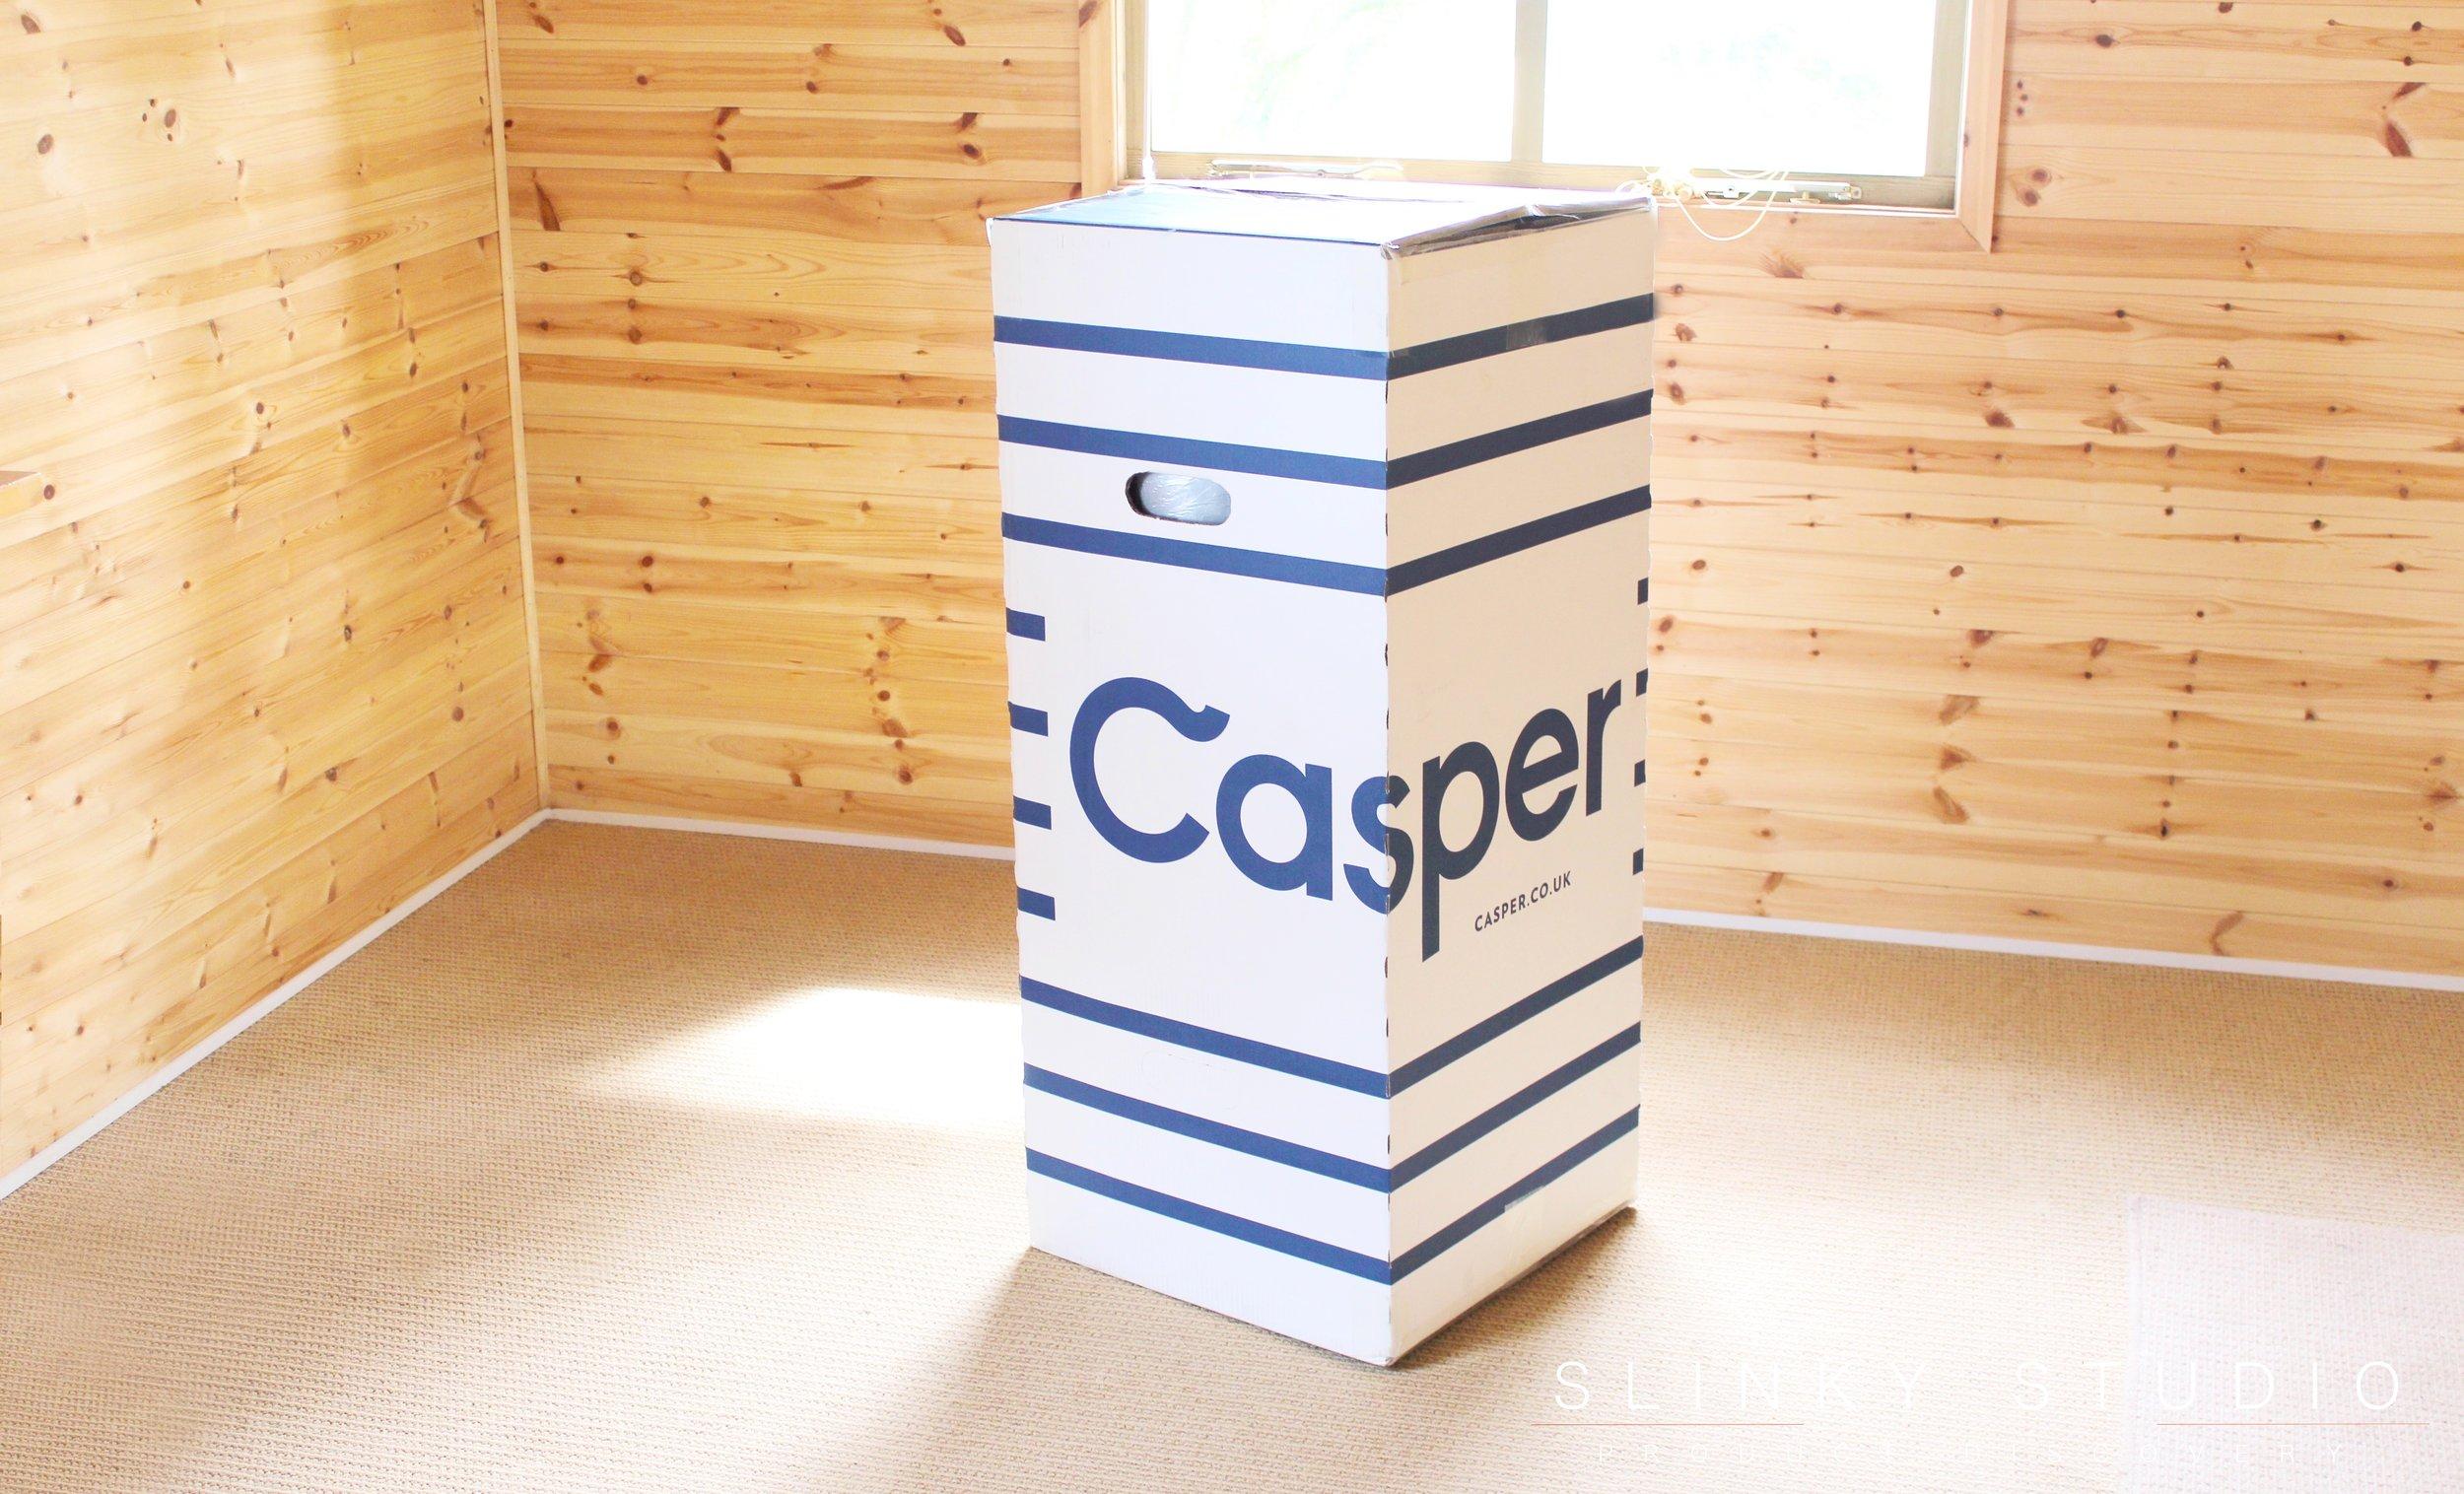 Casper Mattress Box